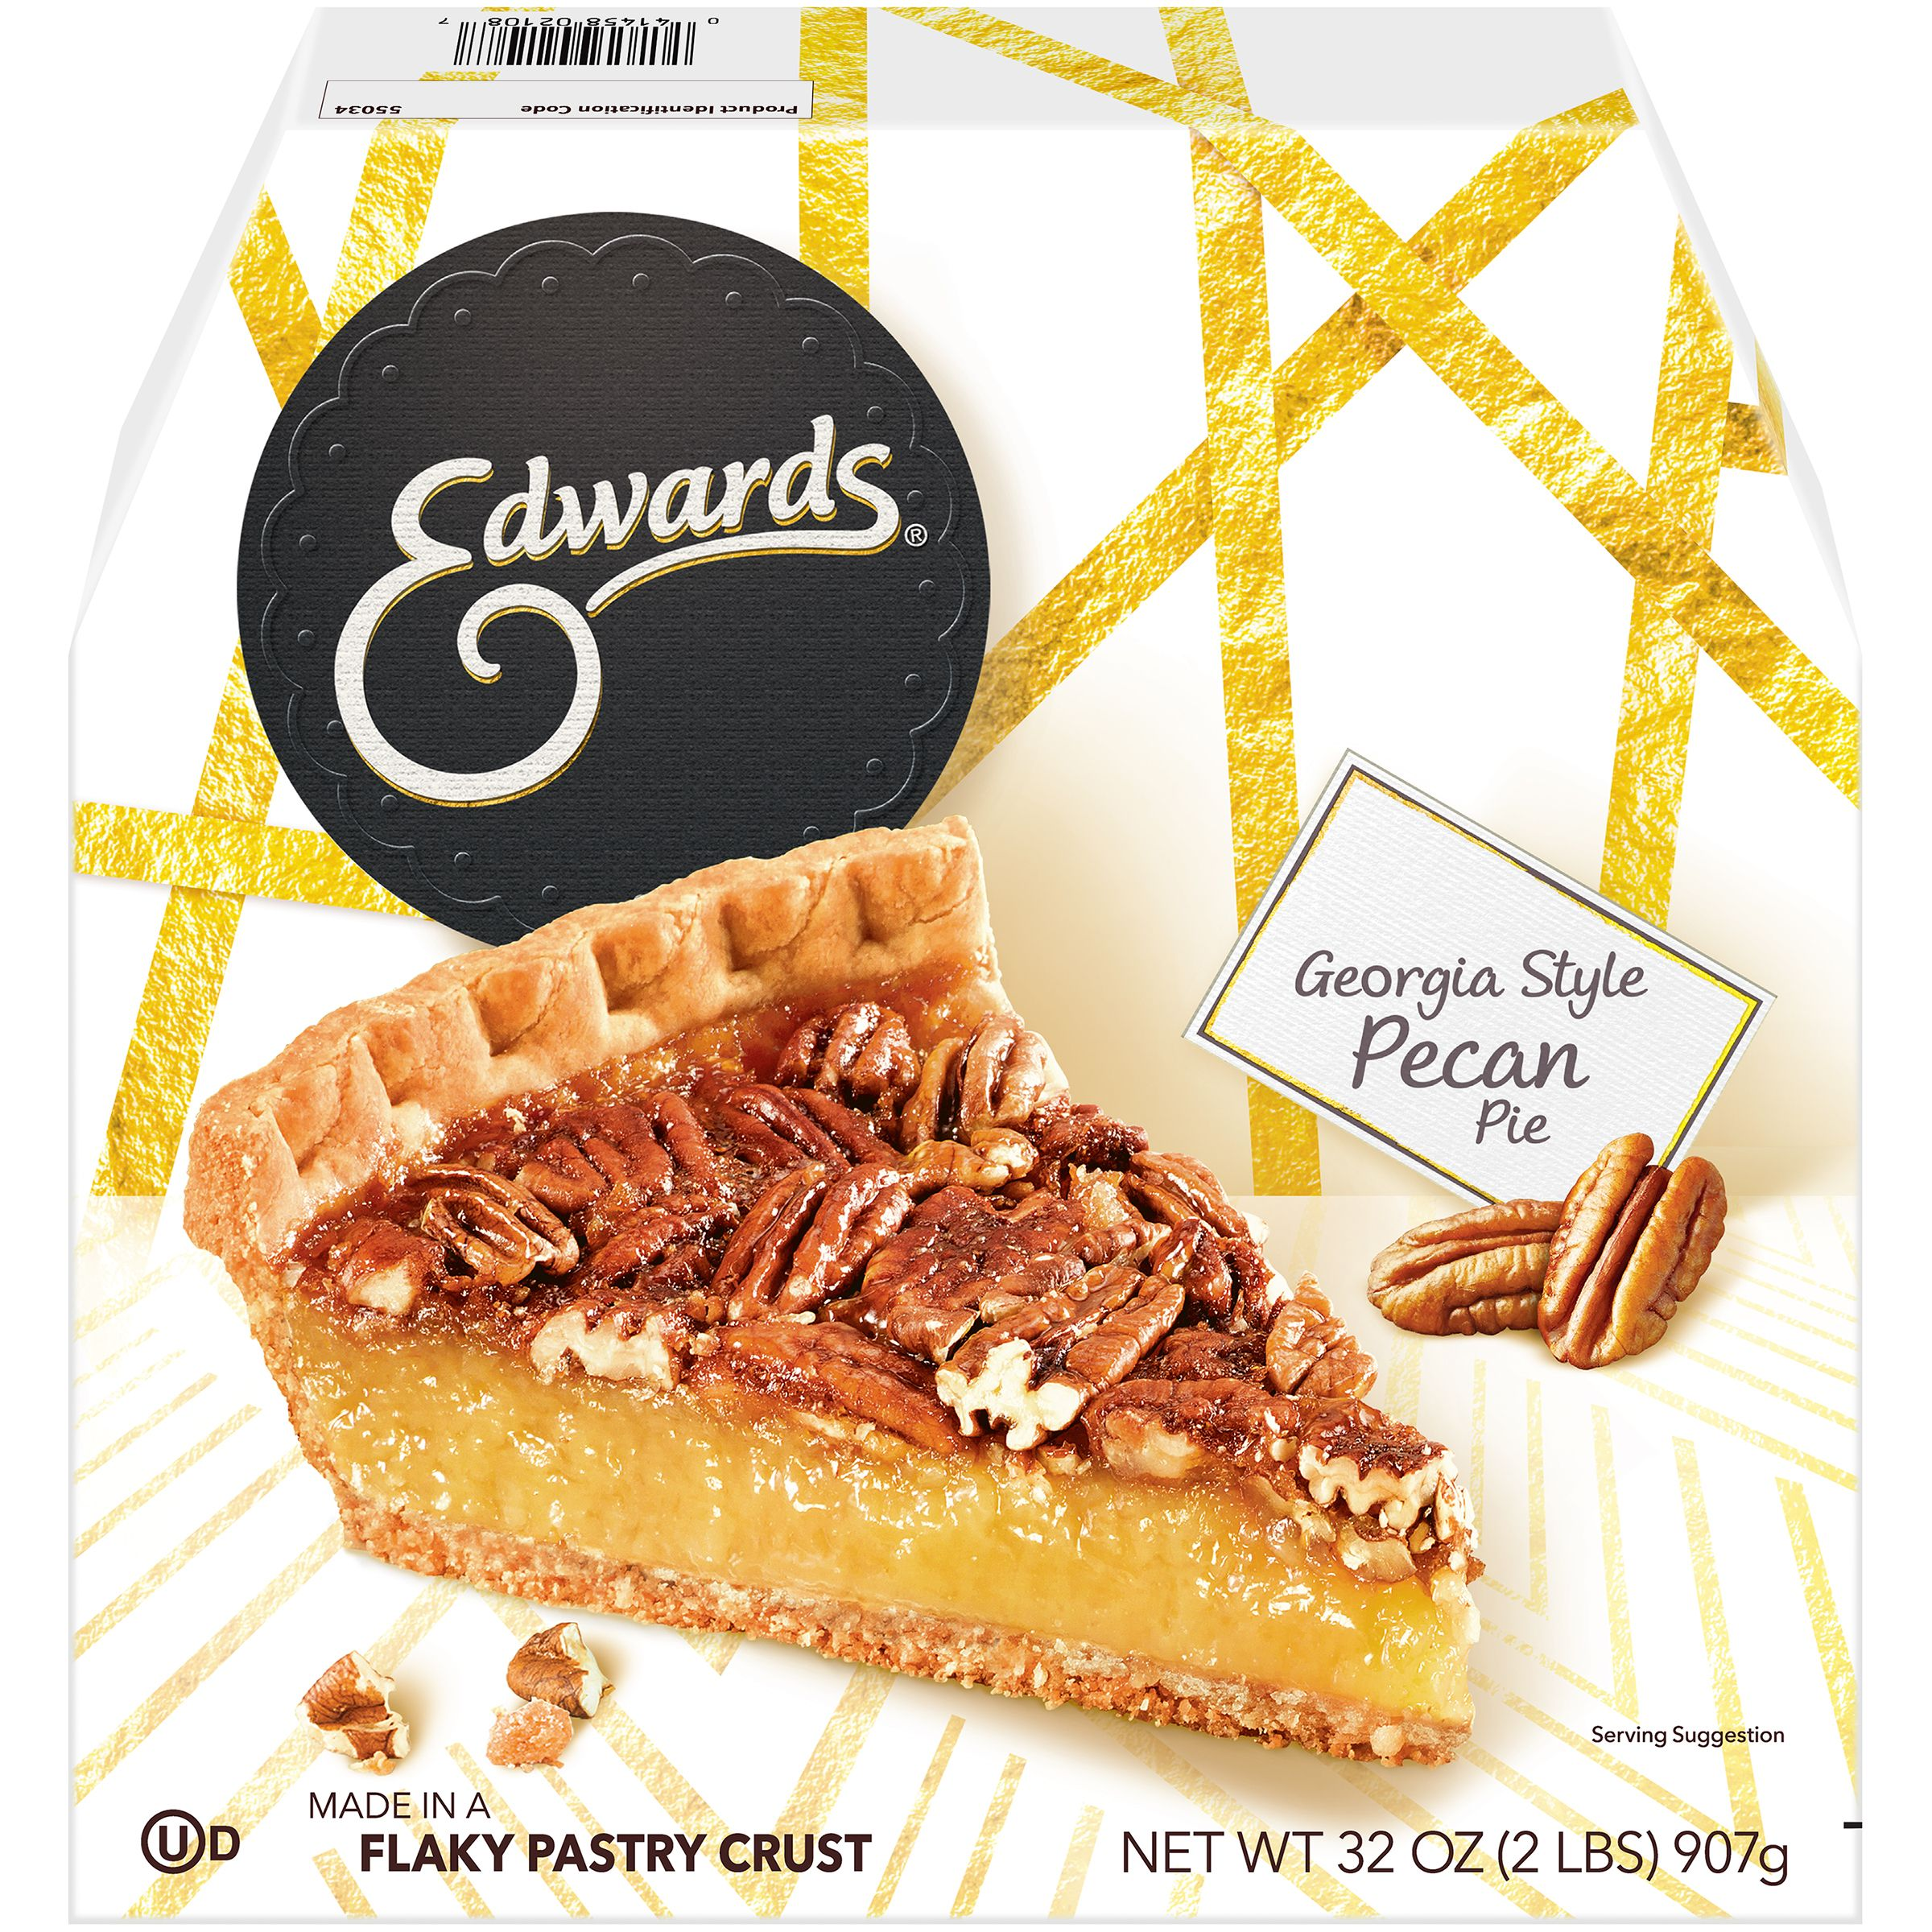 Edwards Georgia Pecan Pie 32 oz. Box